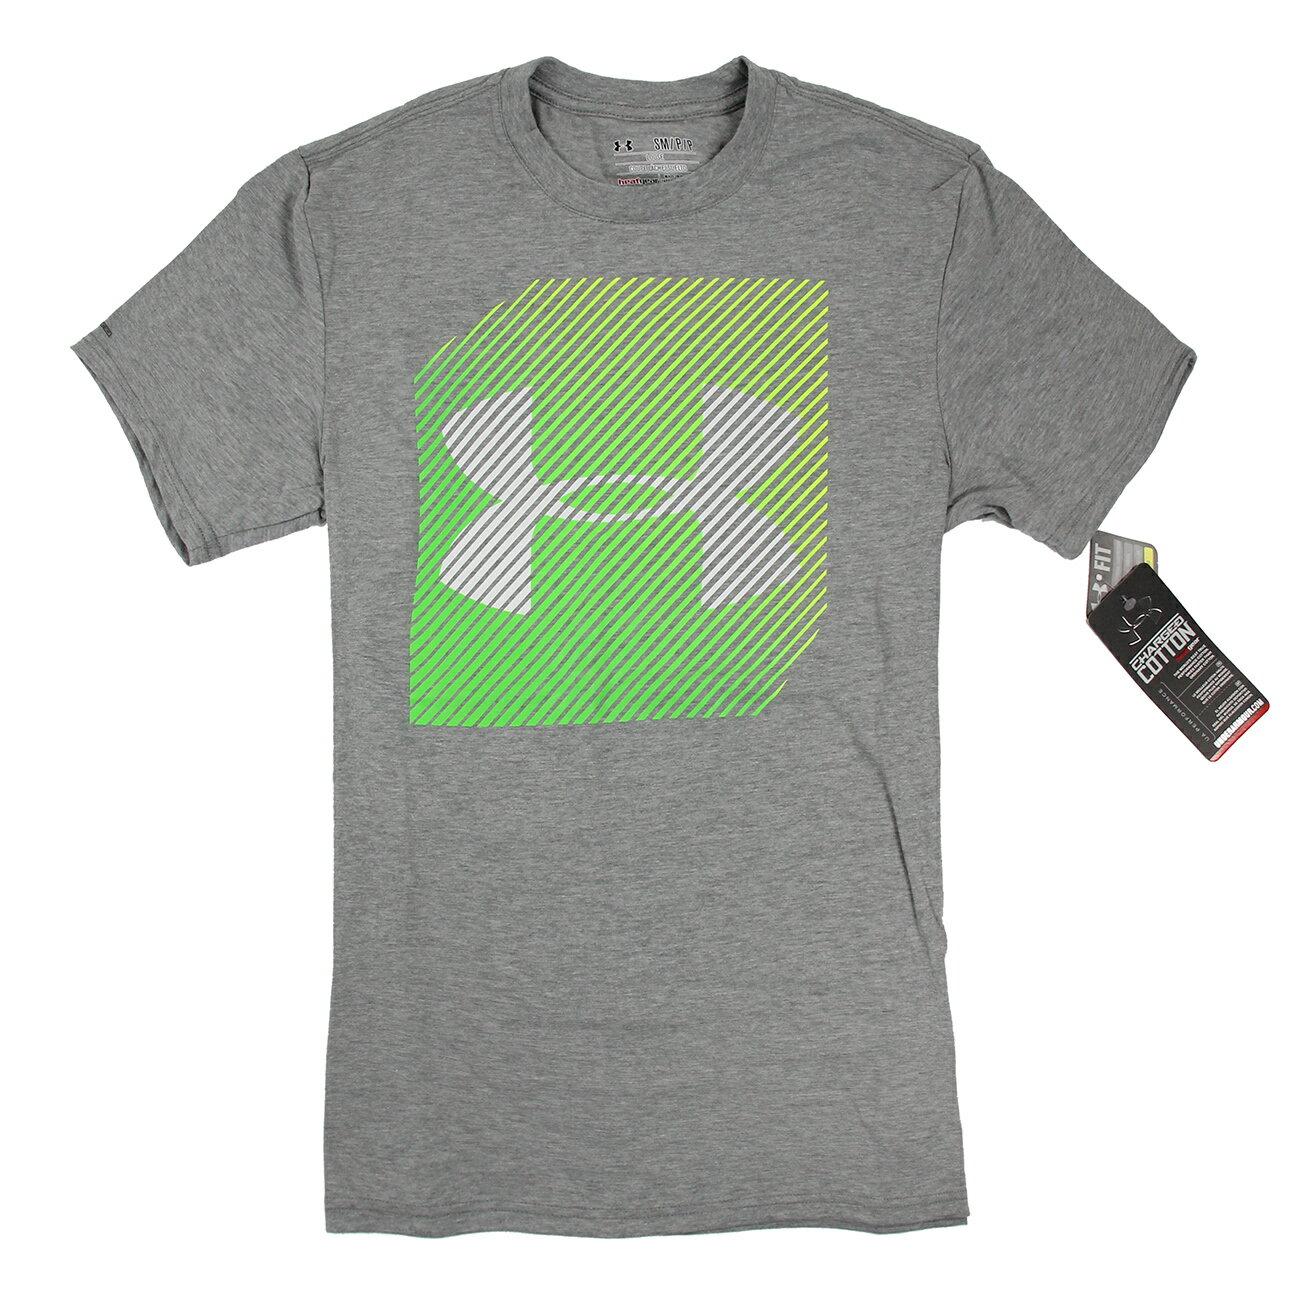 美國百分百【全新真品】Under Armour 運動時尚 UA T恤 Logo T-shirt 灰色 螢光 S E875